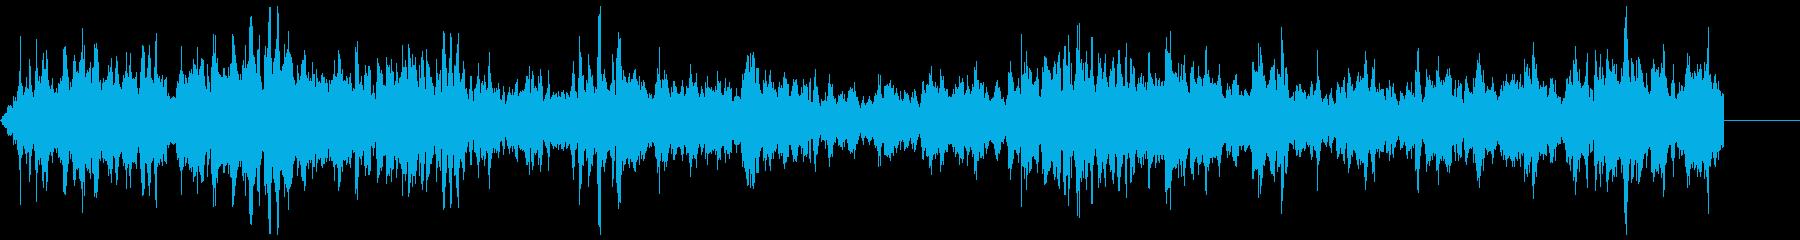 ゾンビ(グループ)ブレス攻撃2の再生済みの波形